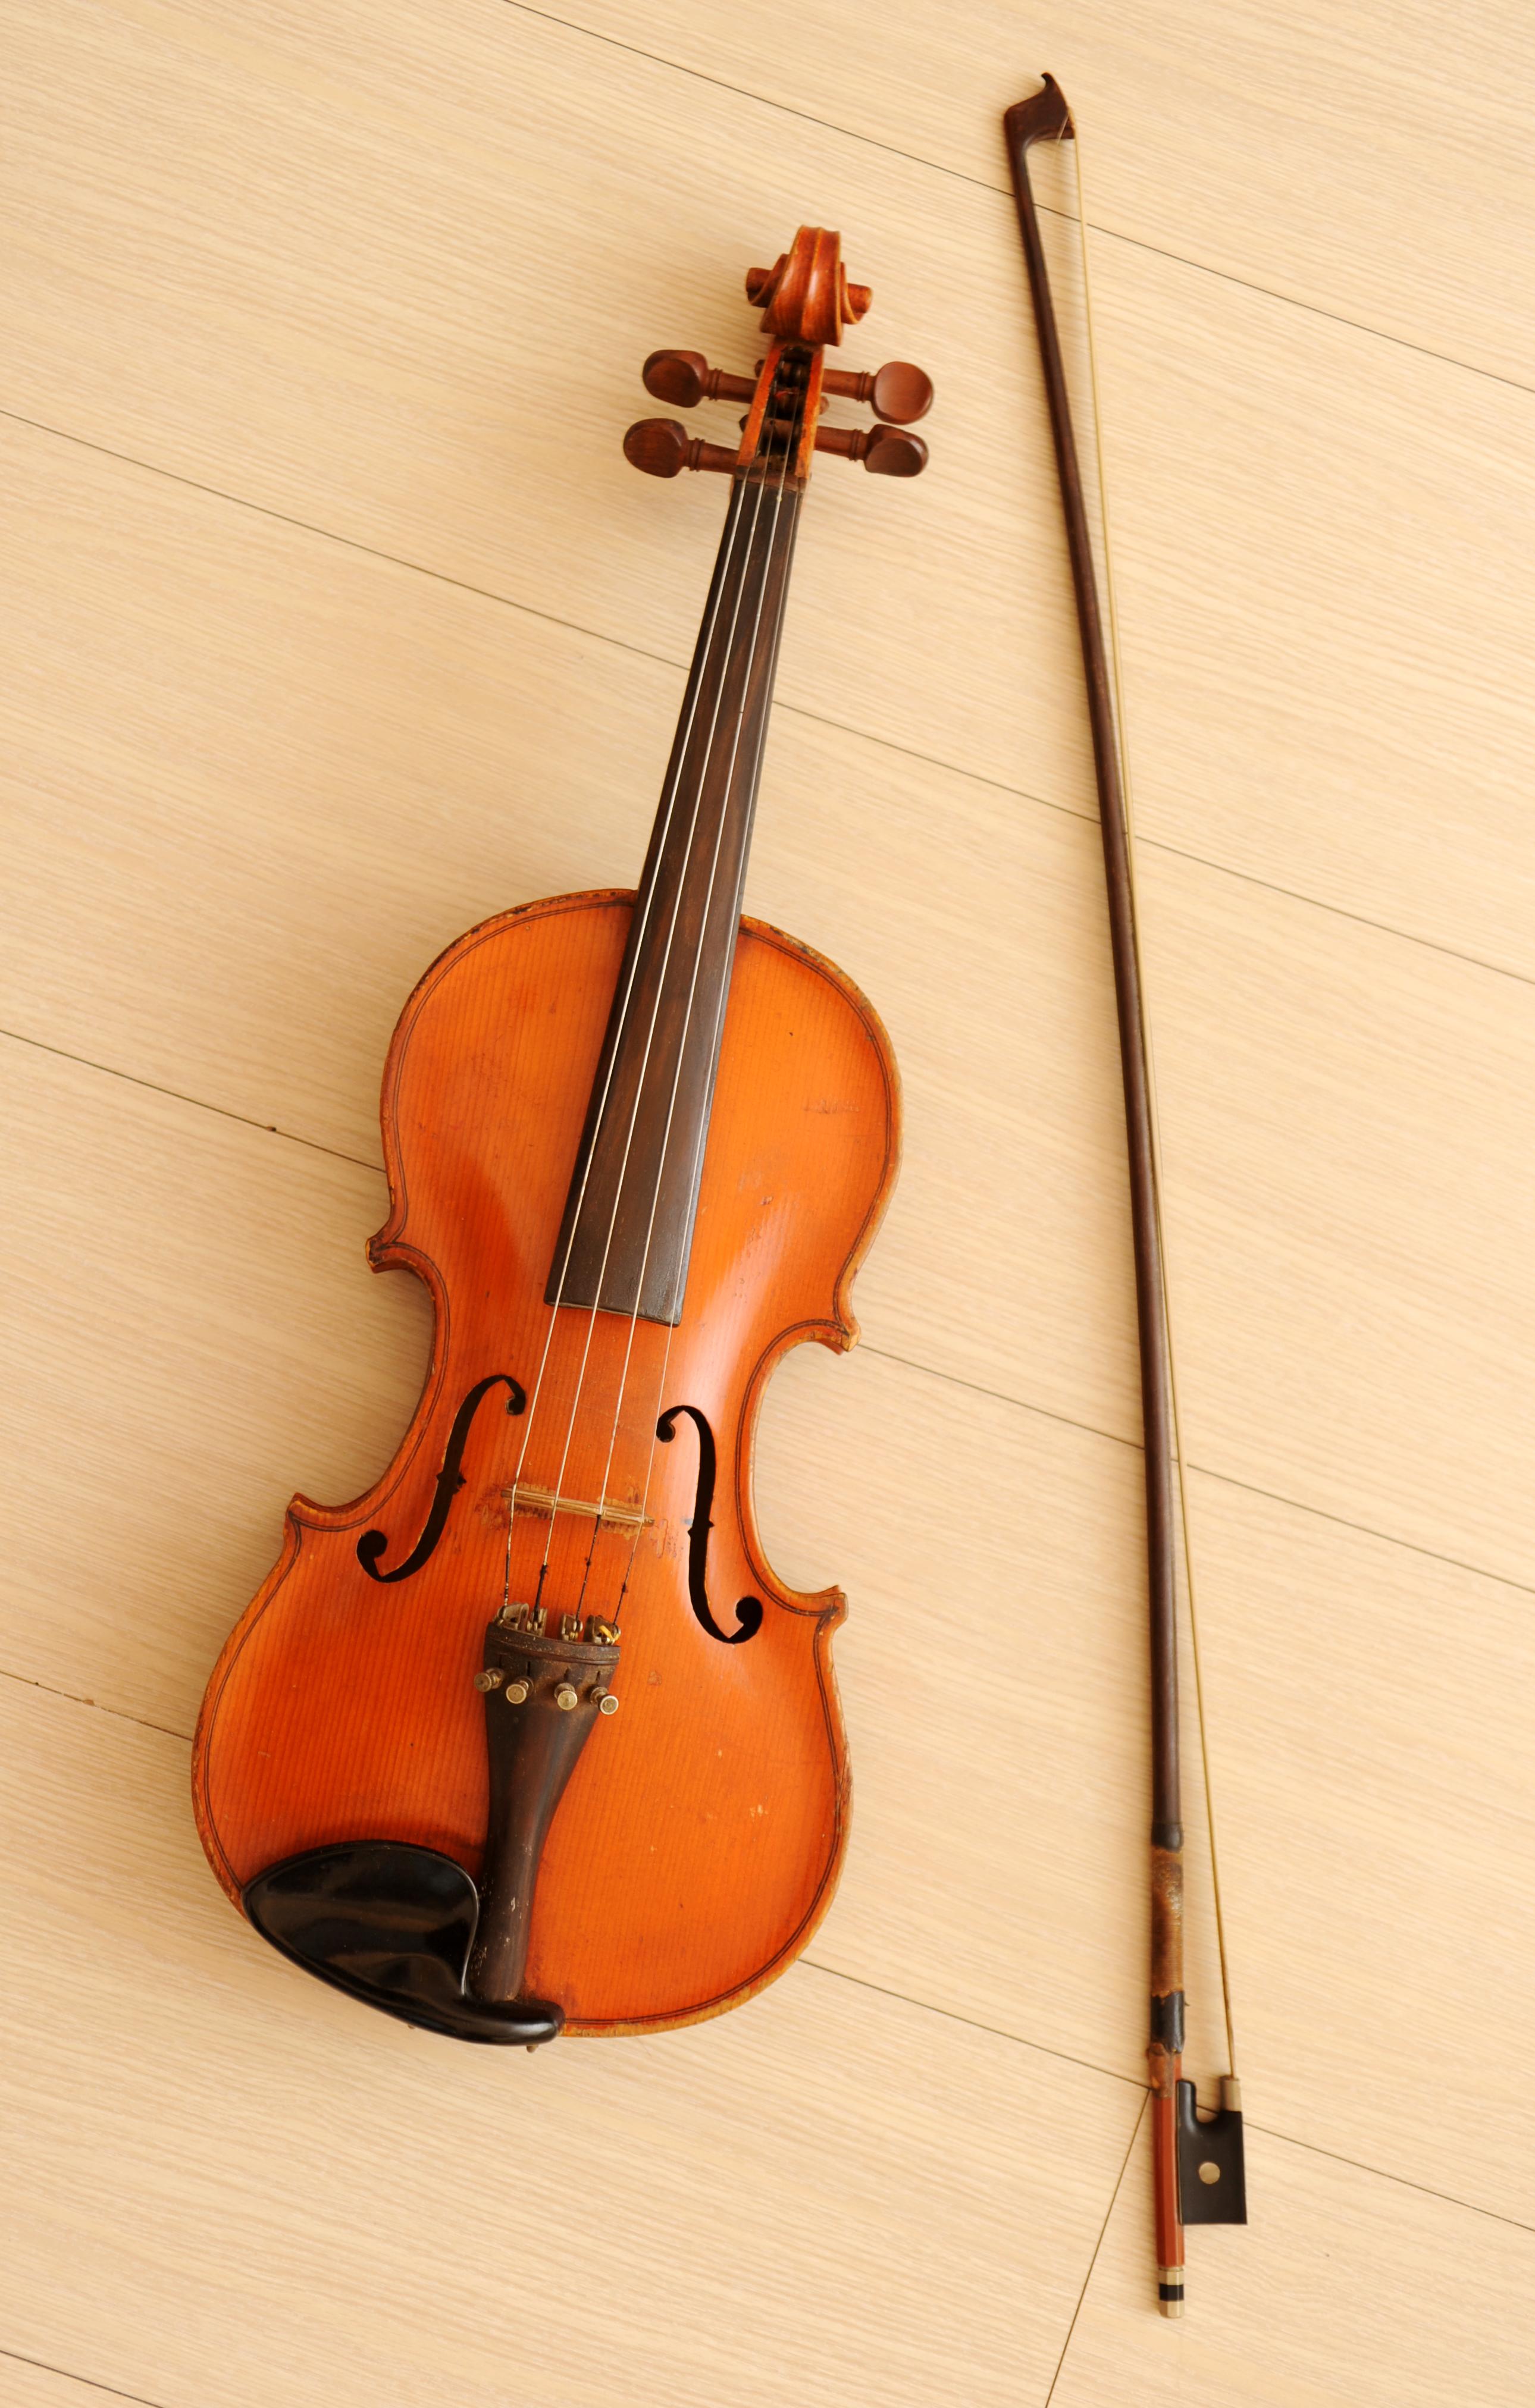 【德國·小提琴】德國手工小提琴 – TouPeenSeen部落格